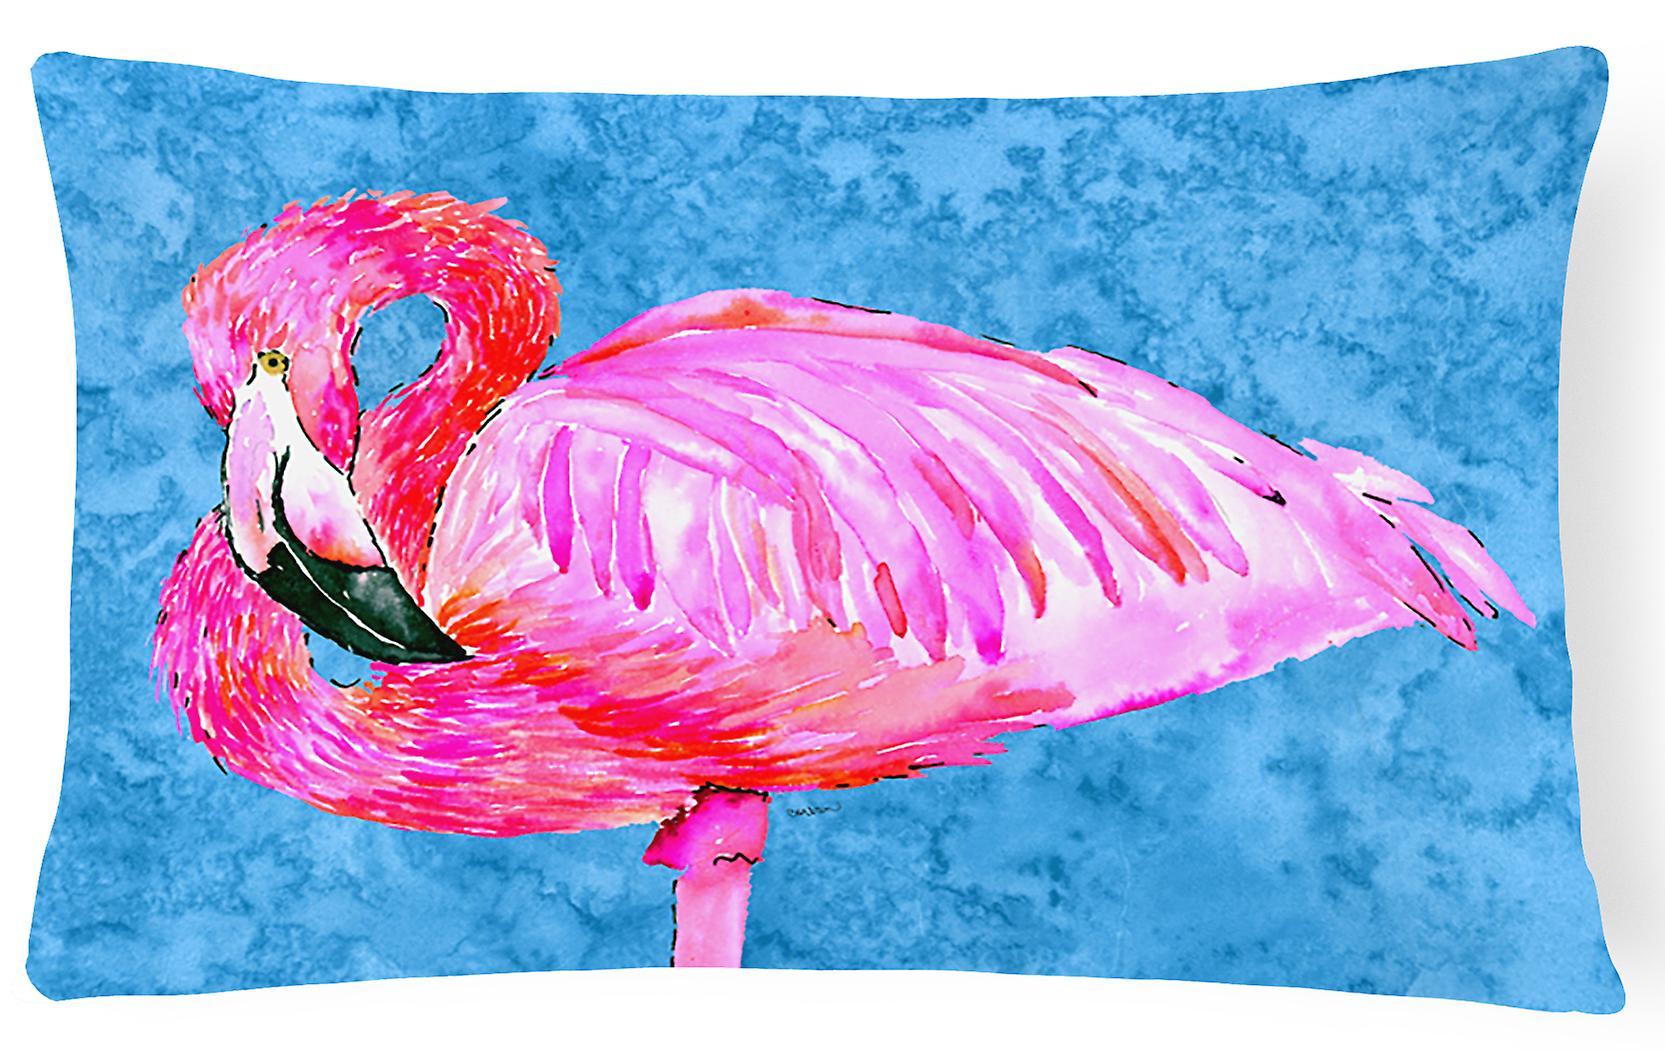 Toile Décoratif Carolines Trésors Tissu Flamingo Oreiller 8686pw1216 1lFJcK